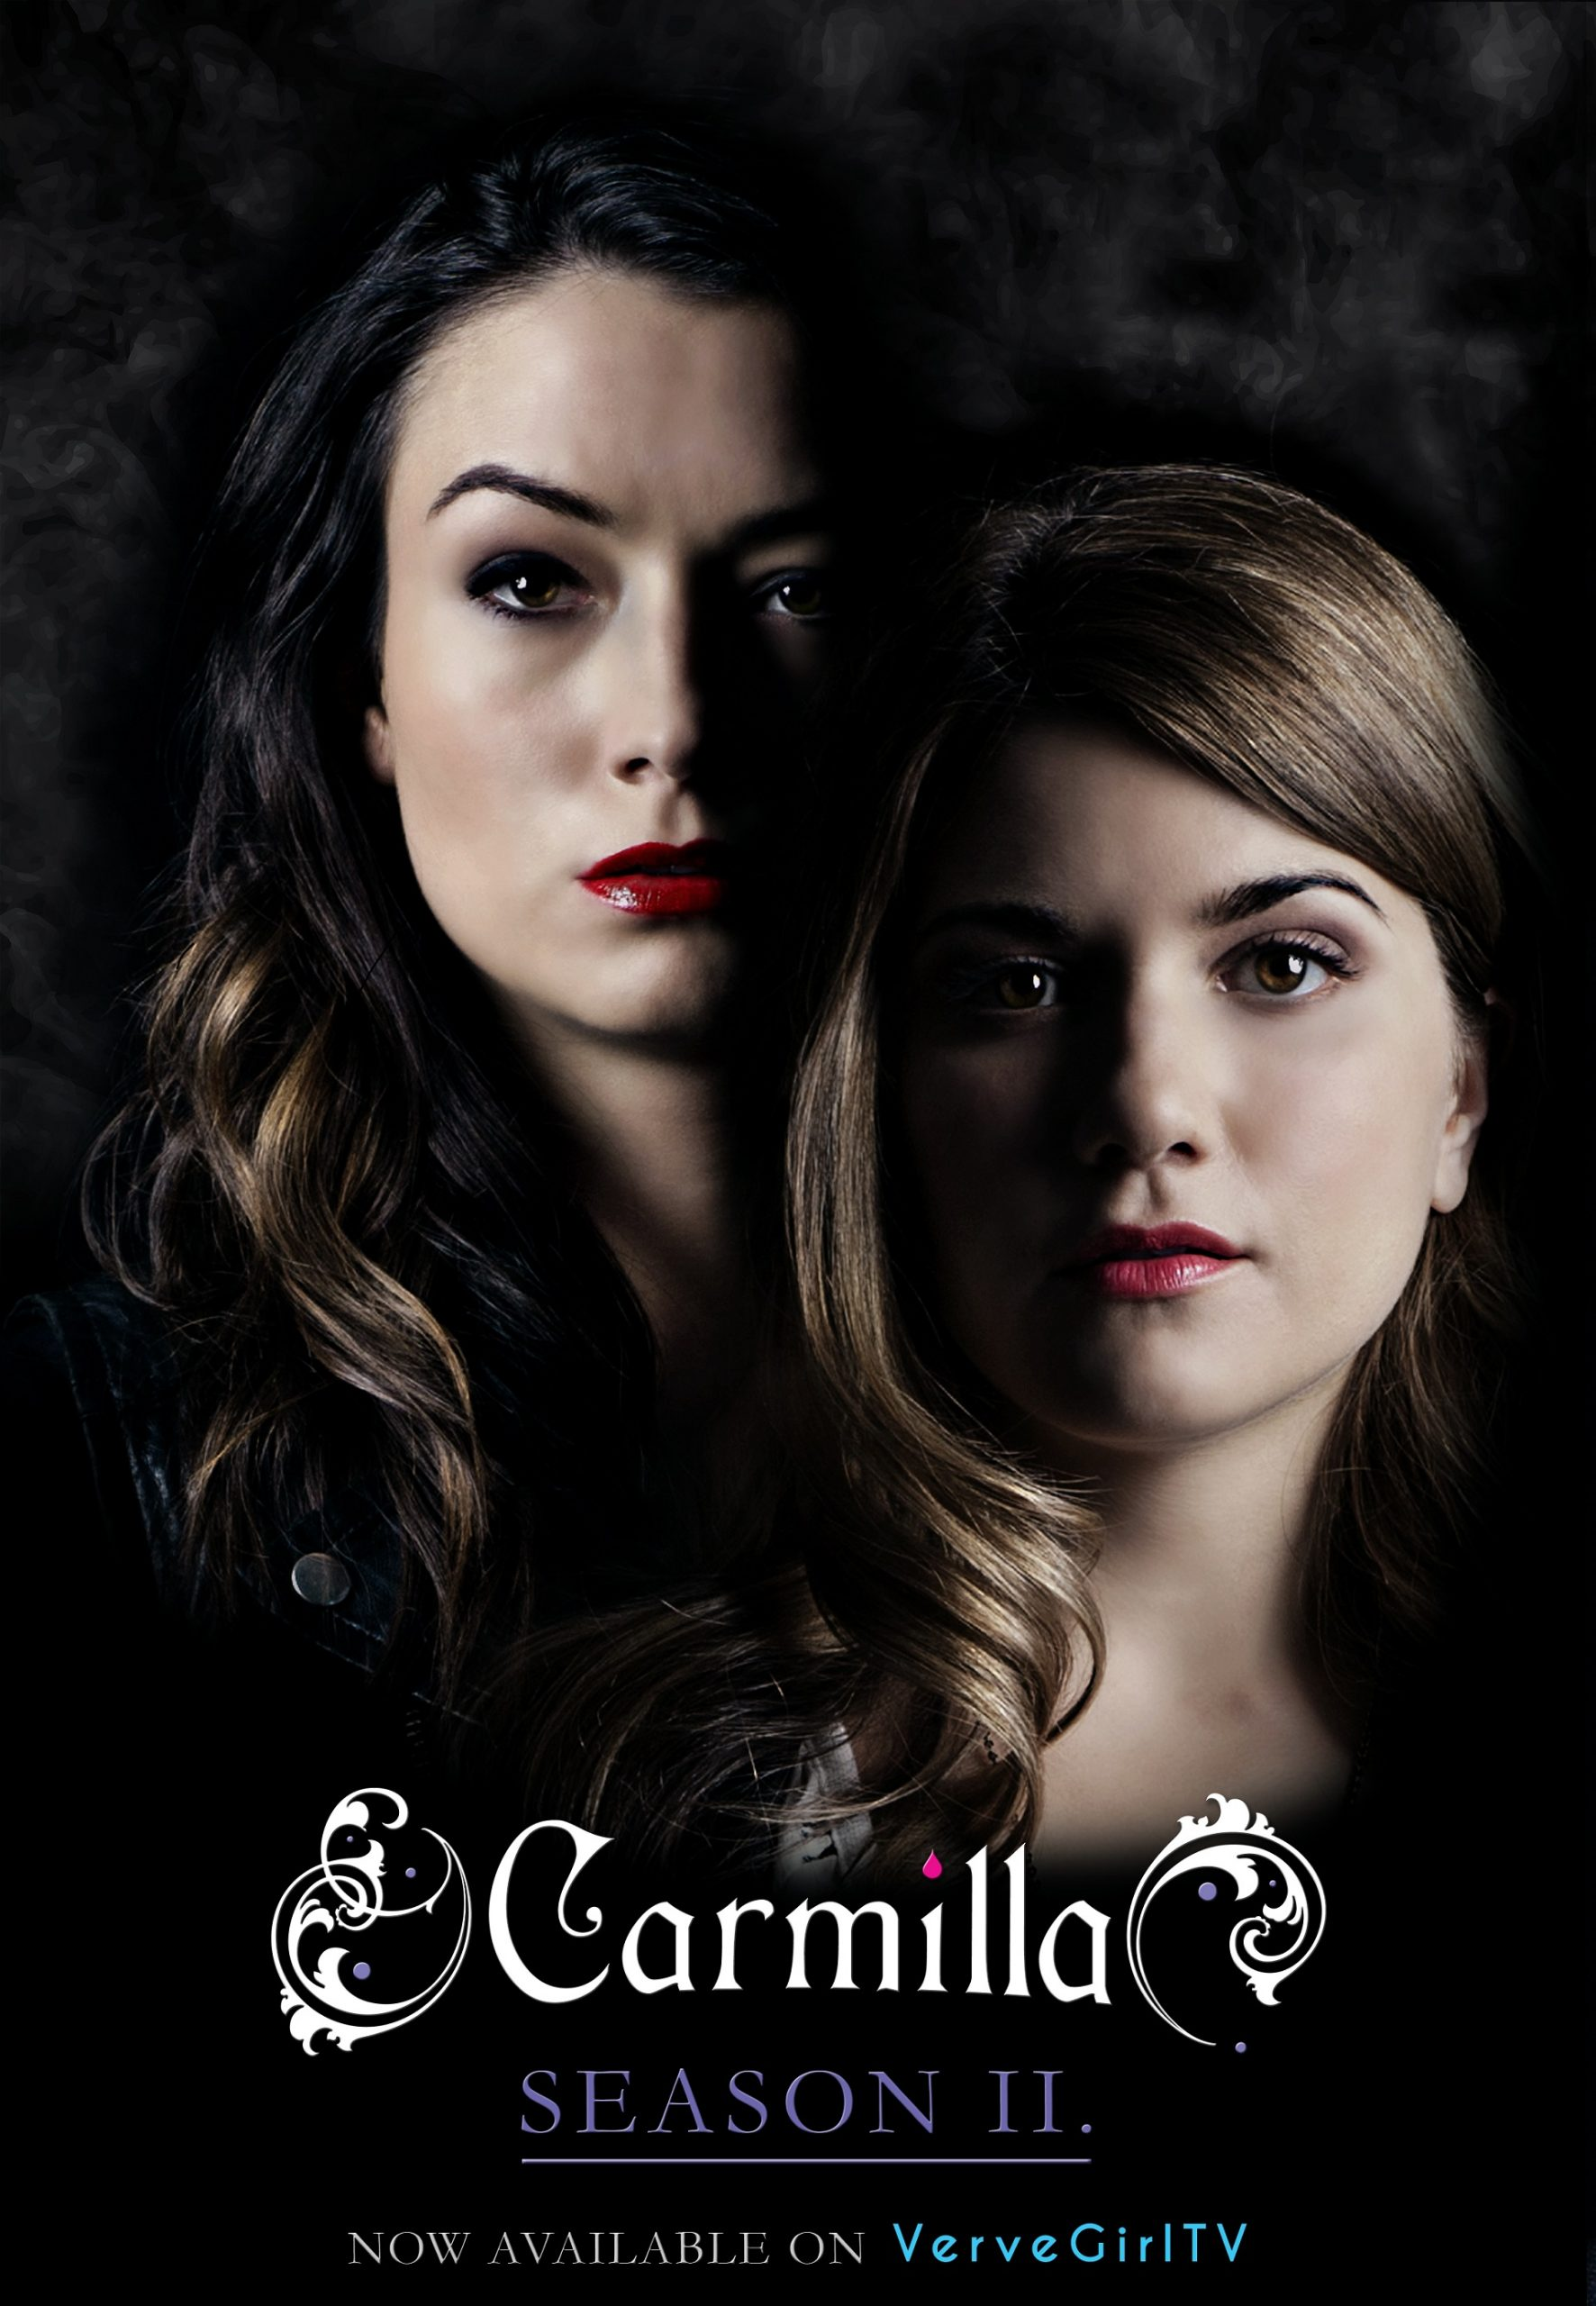 poster avec Laura et Camille, ambiance gothique